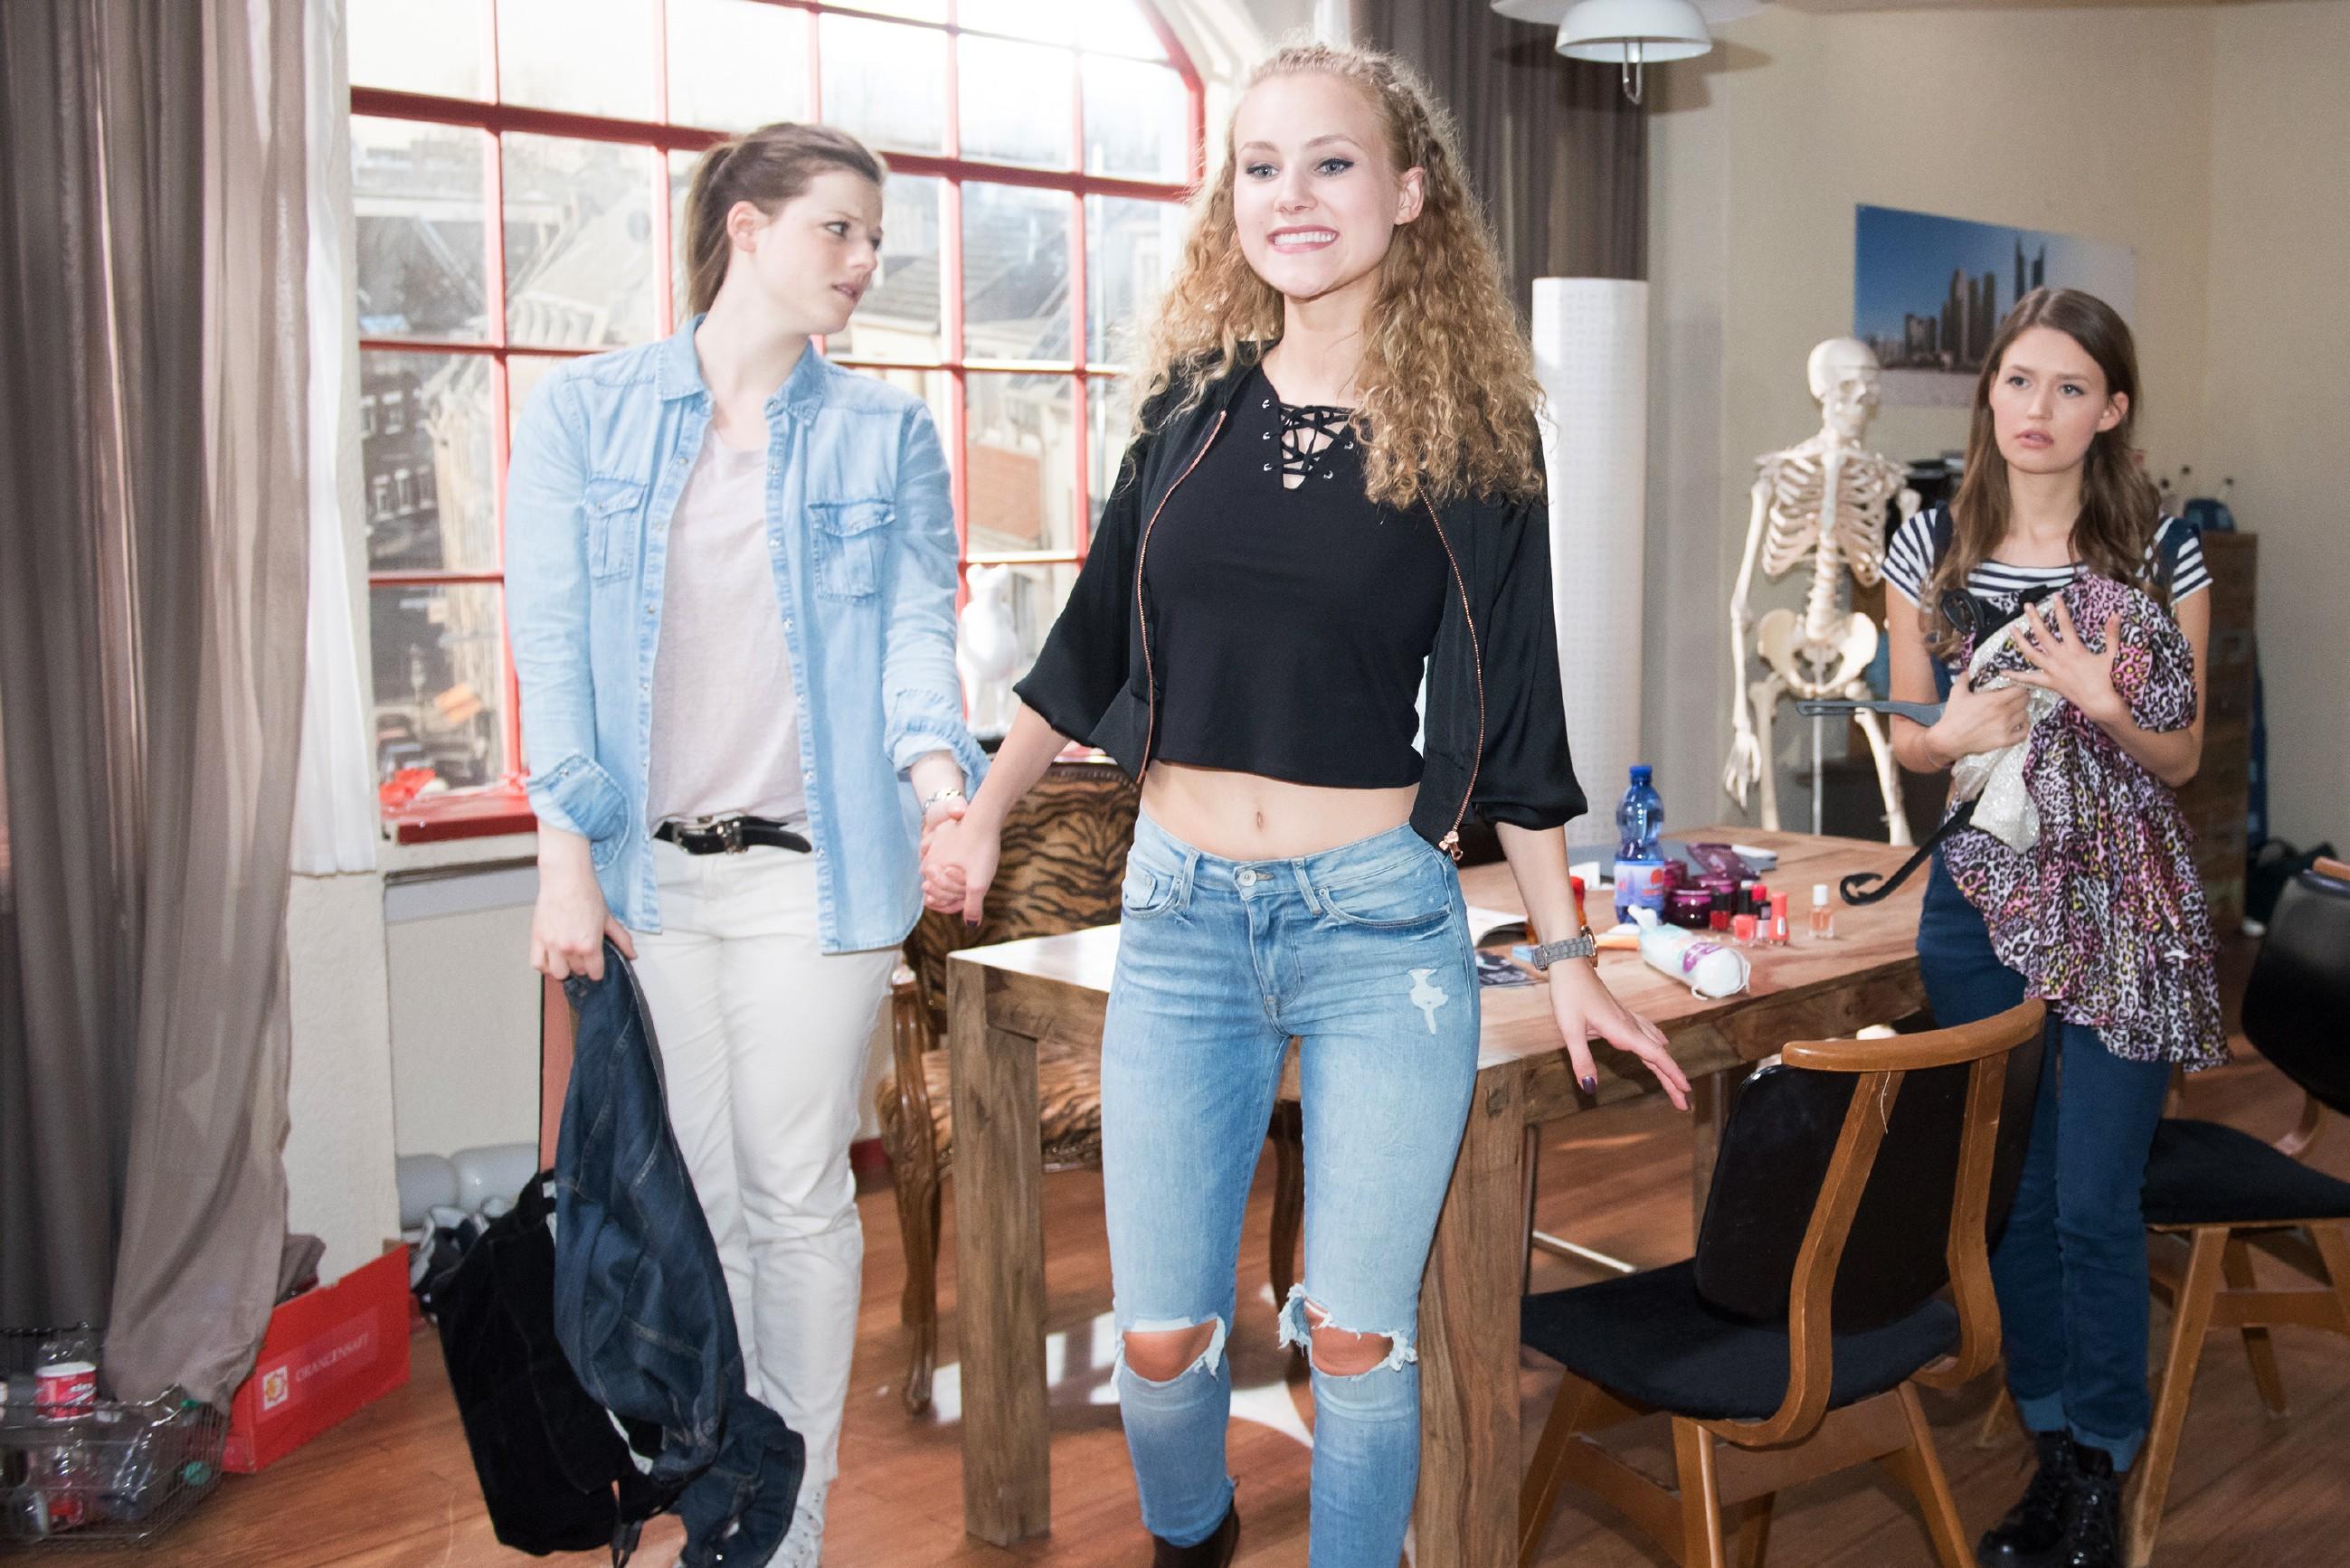 Elli (Nora Koppen, l.) lässt sich im Beisein von Jule (Amrei Haardt, r.) von KayC (Pauline Angert) zum Shopping für die Cluberöffnung überreden.